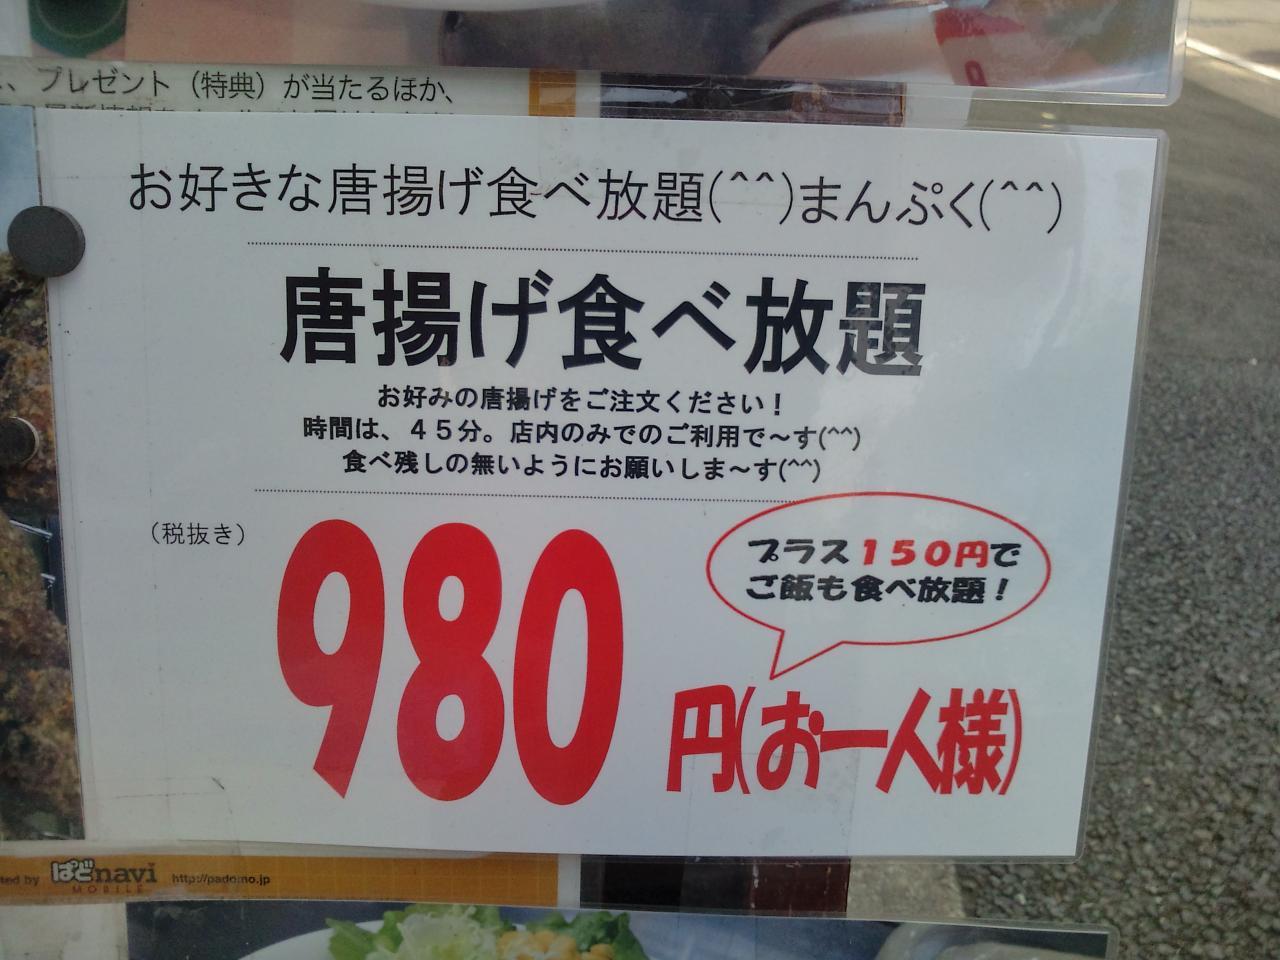 いろから川崎宮崎台店(店舗外観)